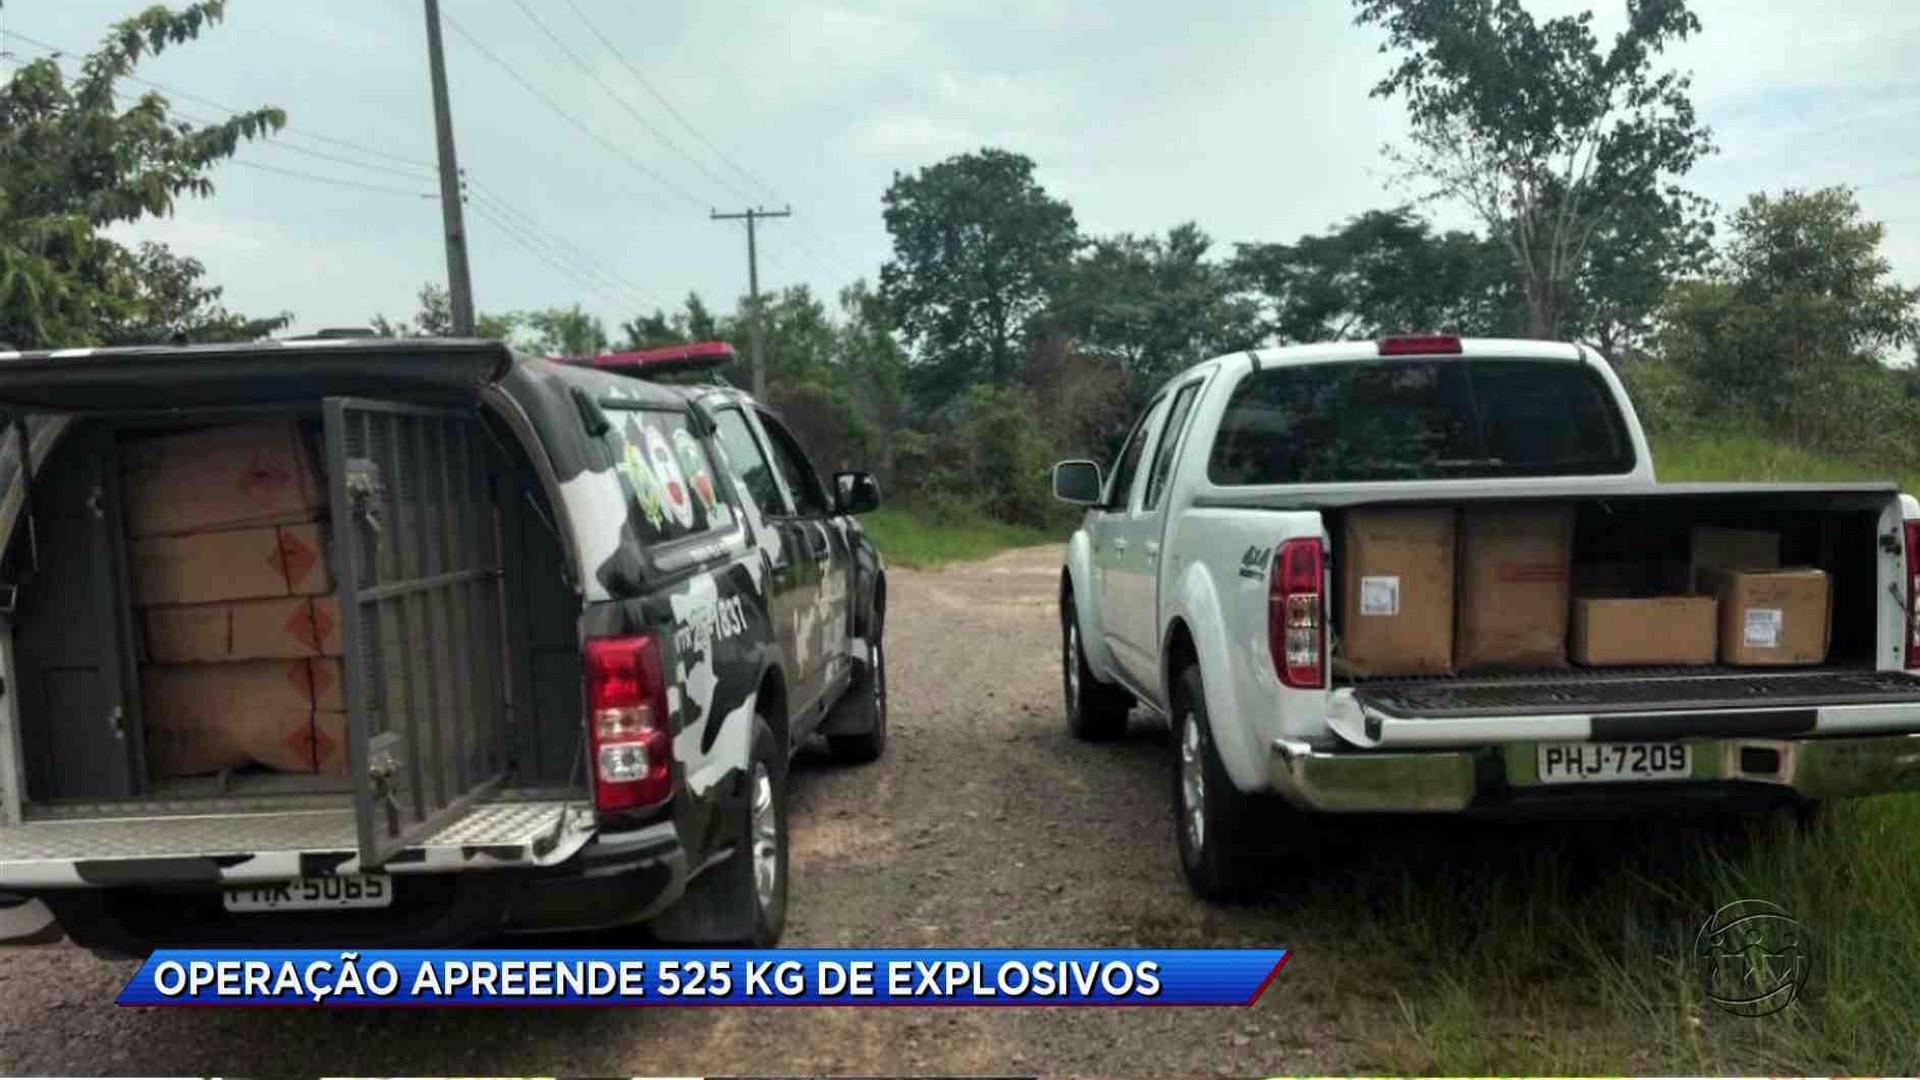 OPERAÇÃO APREENDE 525 KG DE EXPLOSIVOS IRREGULARES - Cidade Alerta Manaus 23/11/17 - Manhã no Ar 24/11/2017